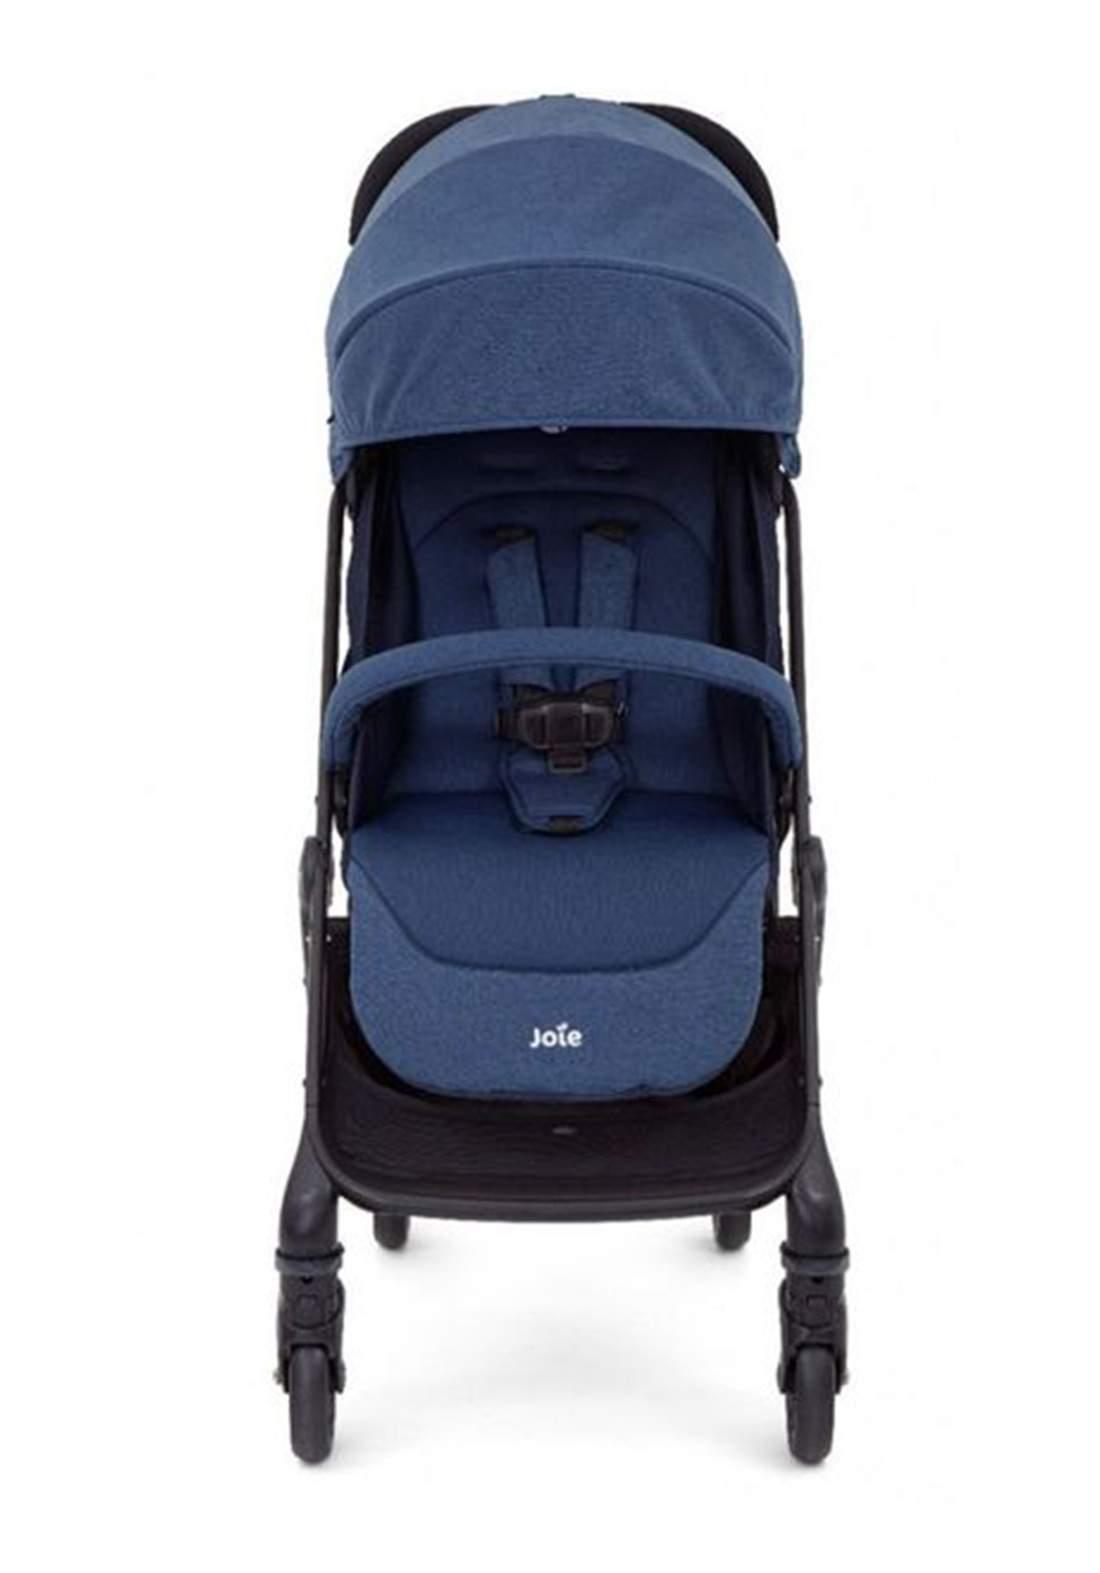 عربة اطفال Joie Baby S1706AADSE000Tourist - Baby Stroller - Deep Sea